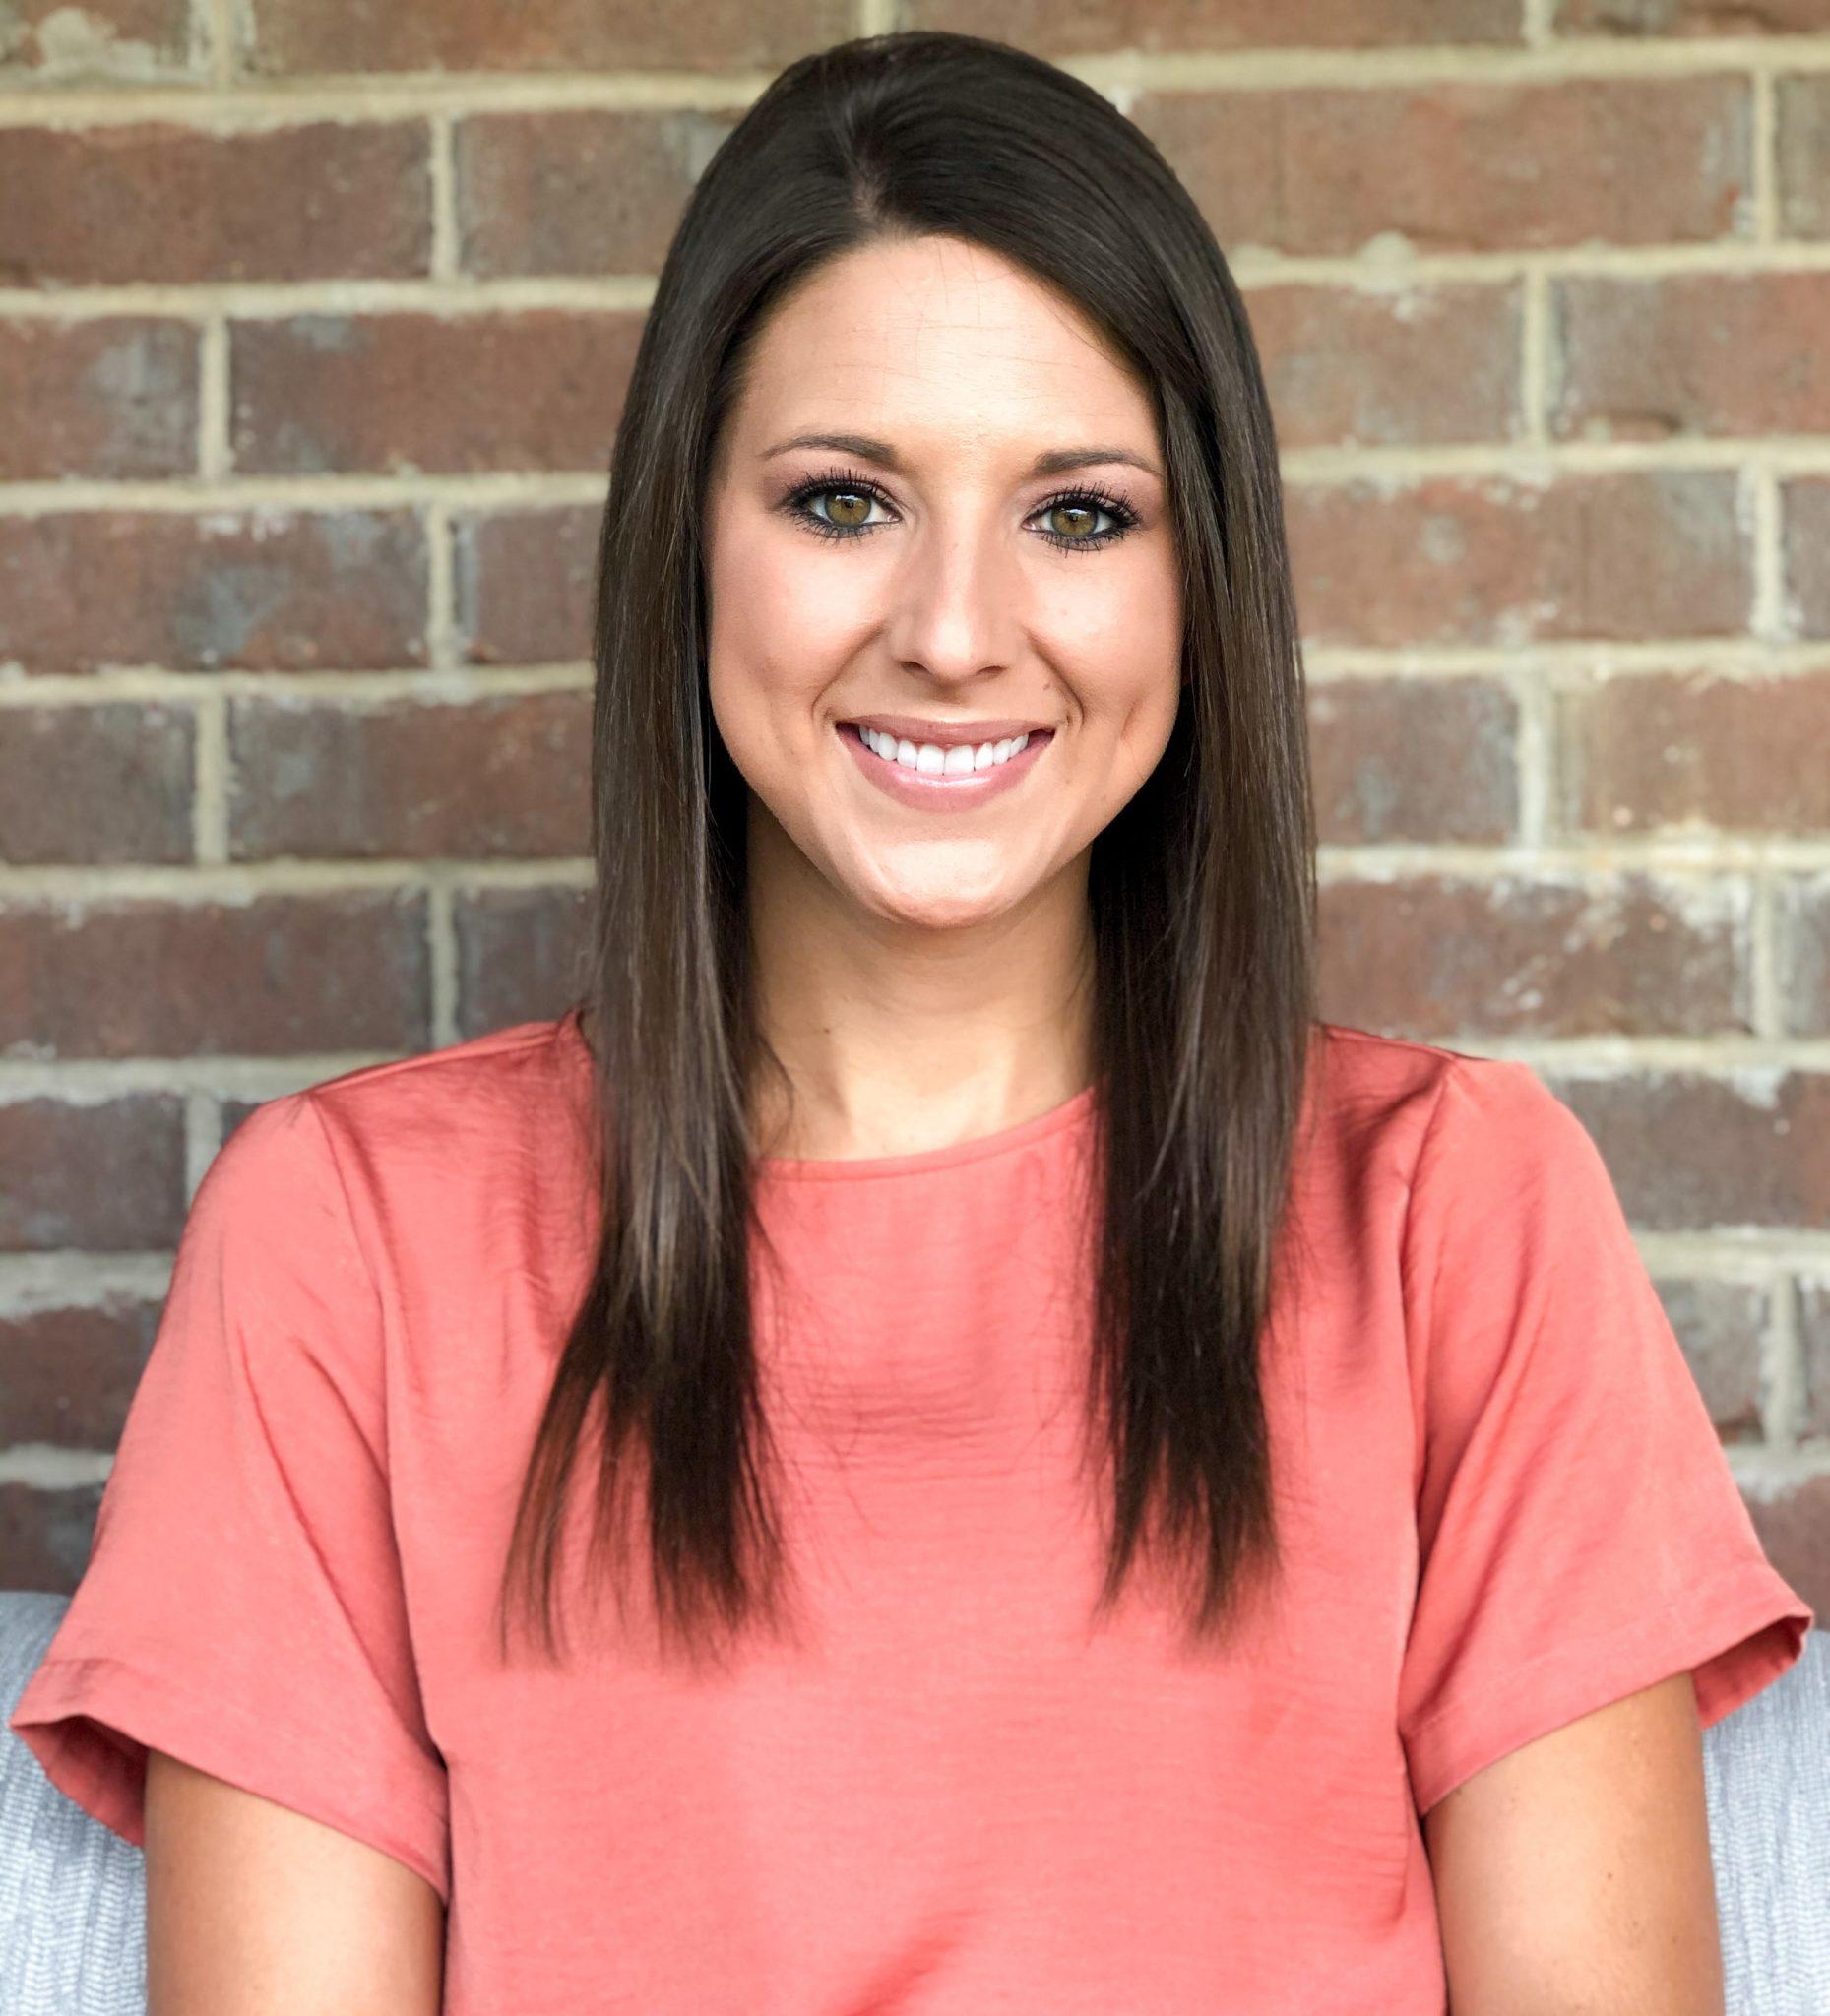 Angela Drury